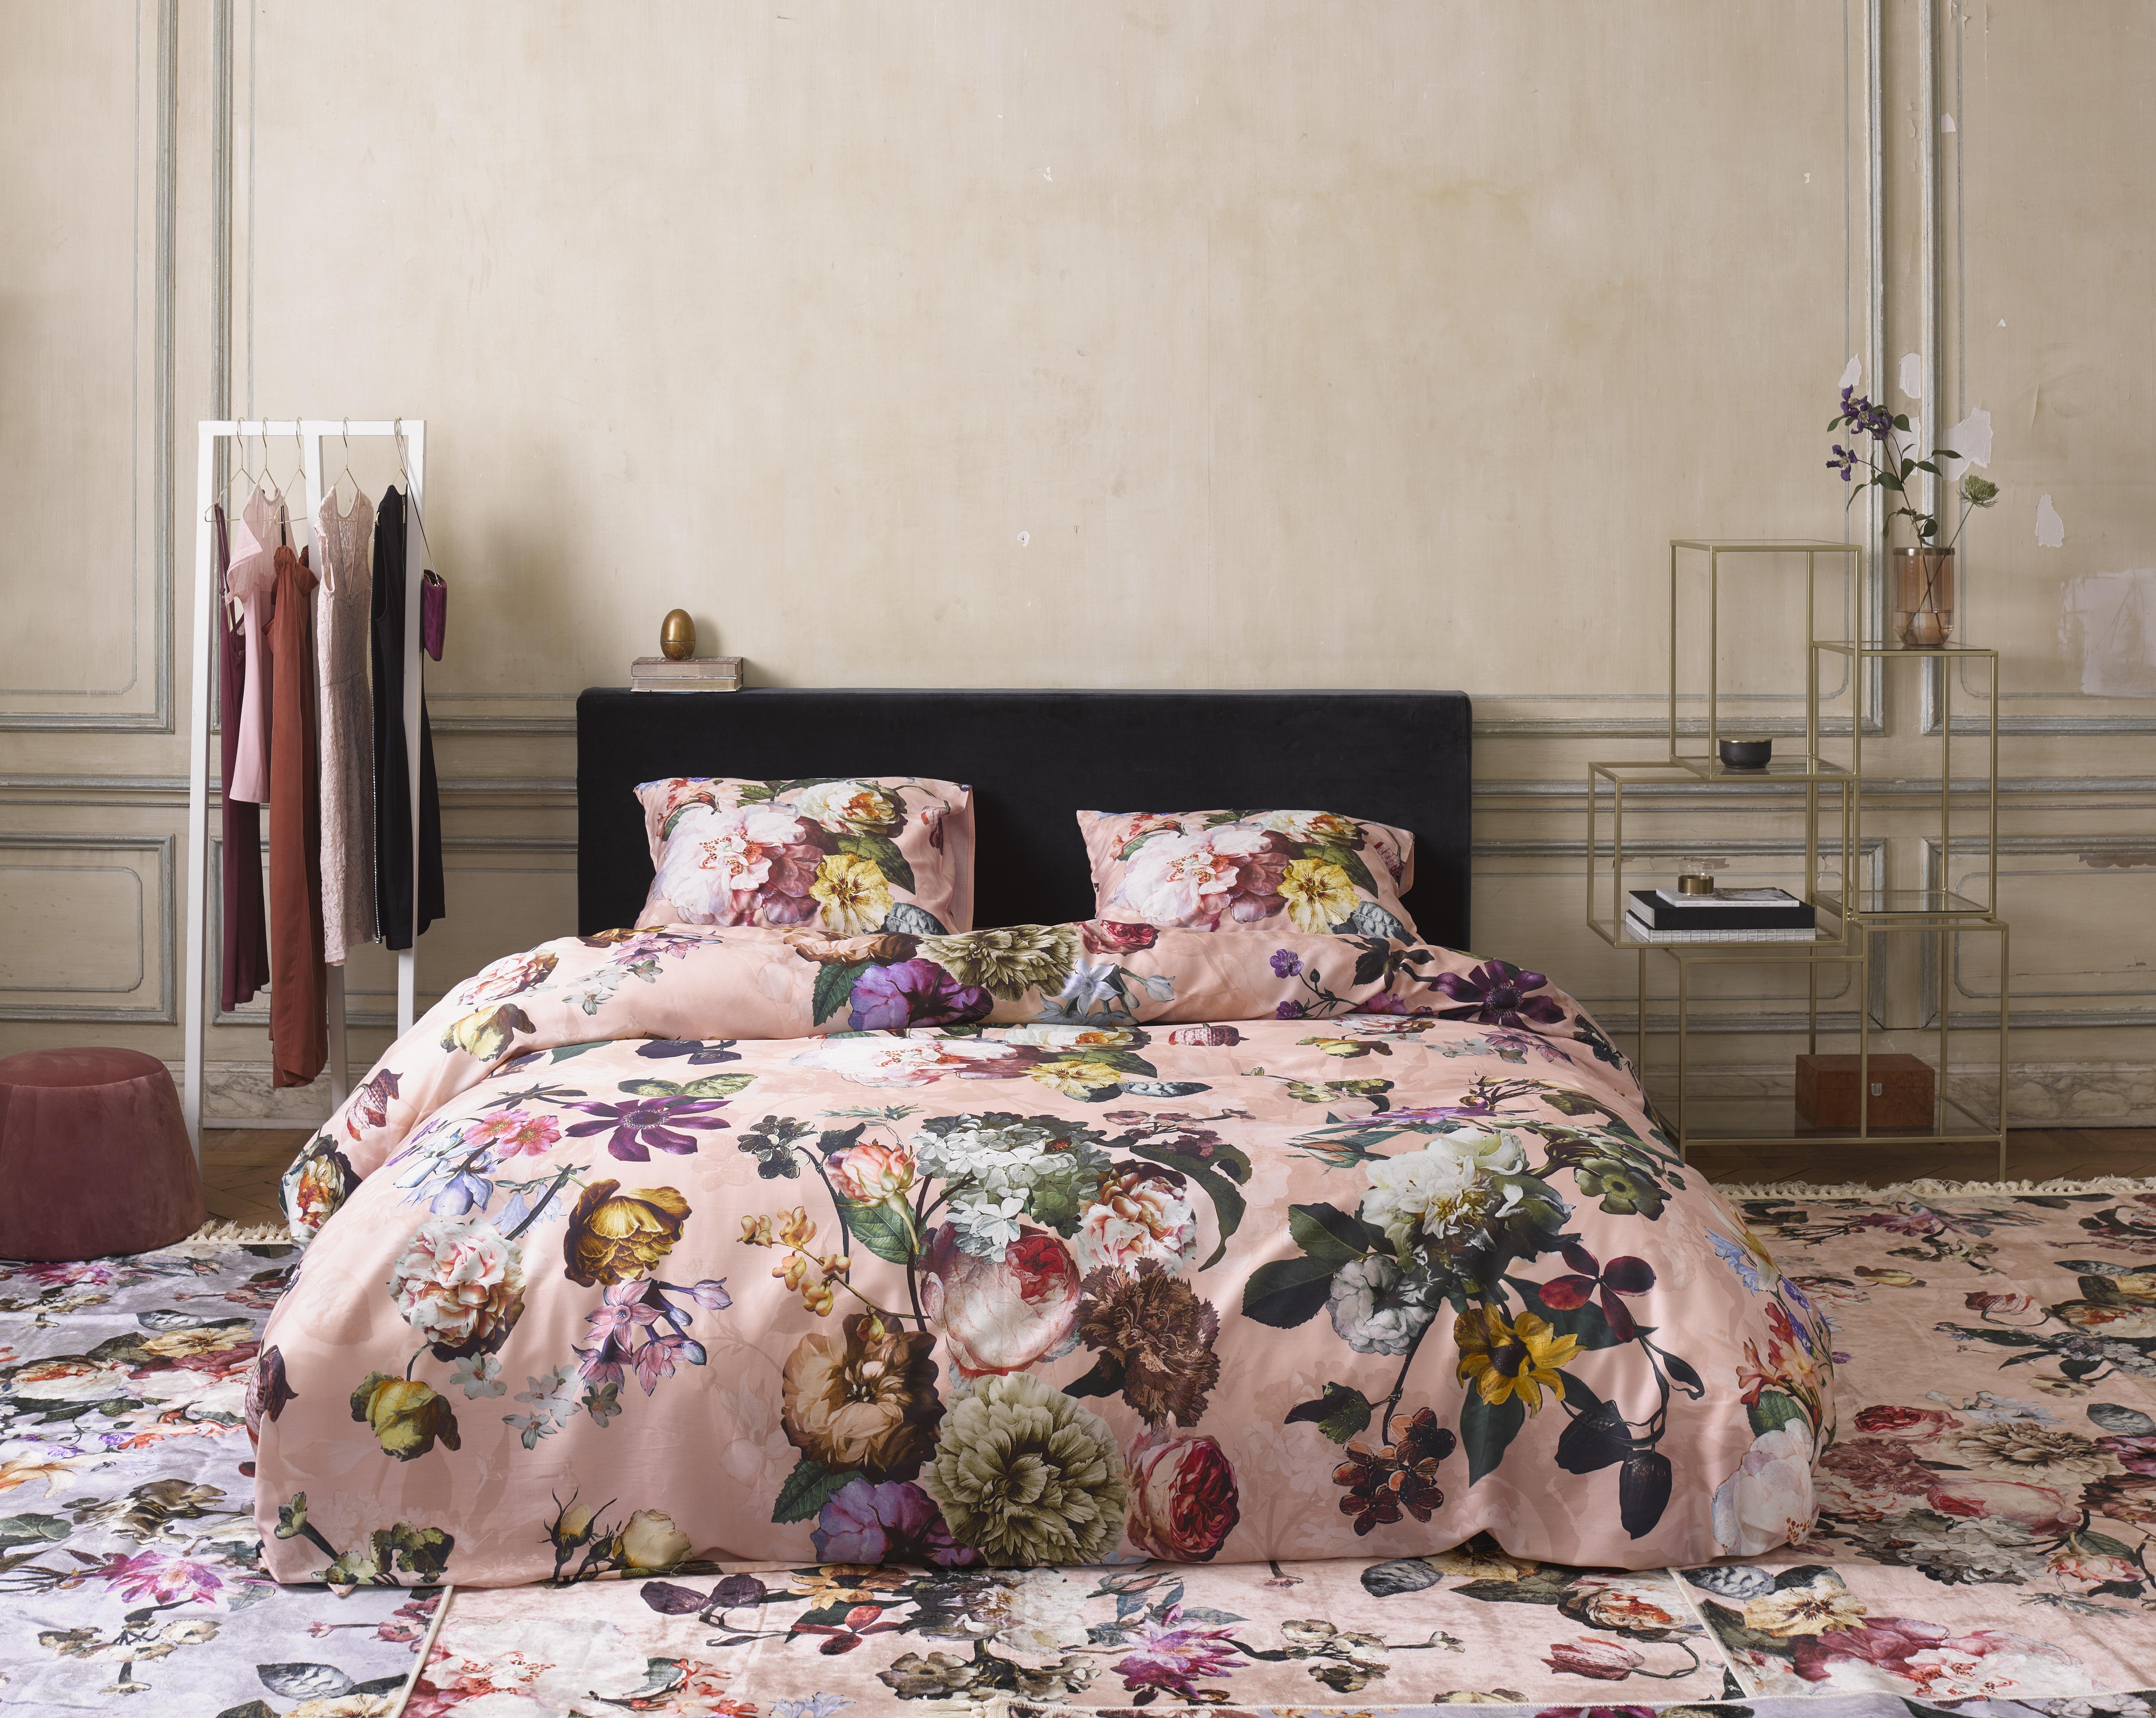 Bettwäsche 135x20080x80 Cm Von Essenza Fleur Duvet Cover Rose